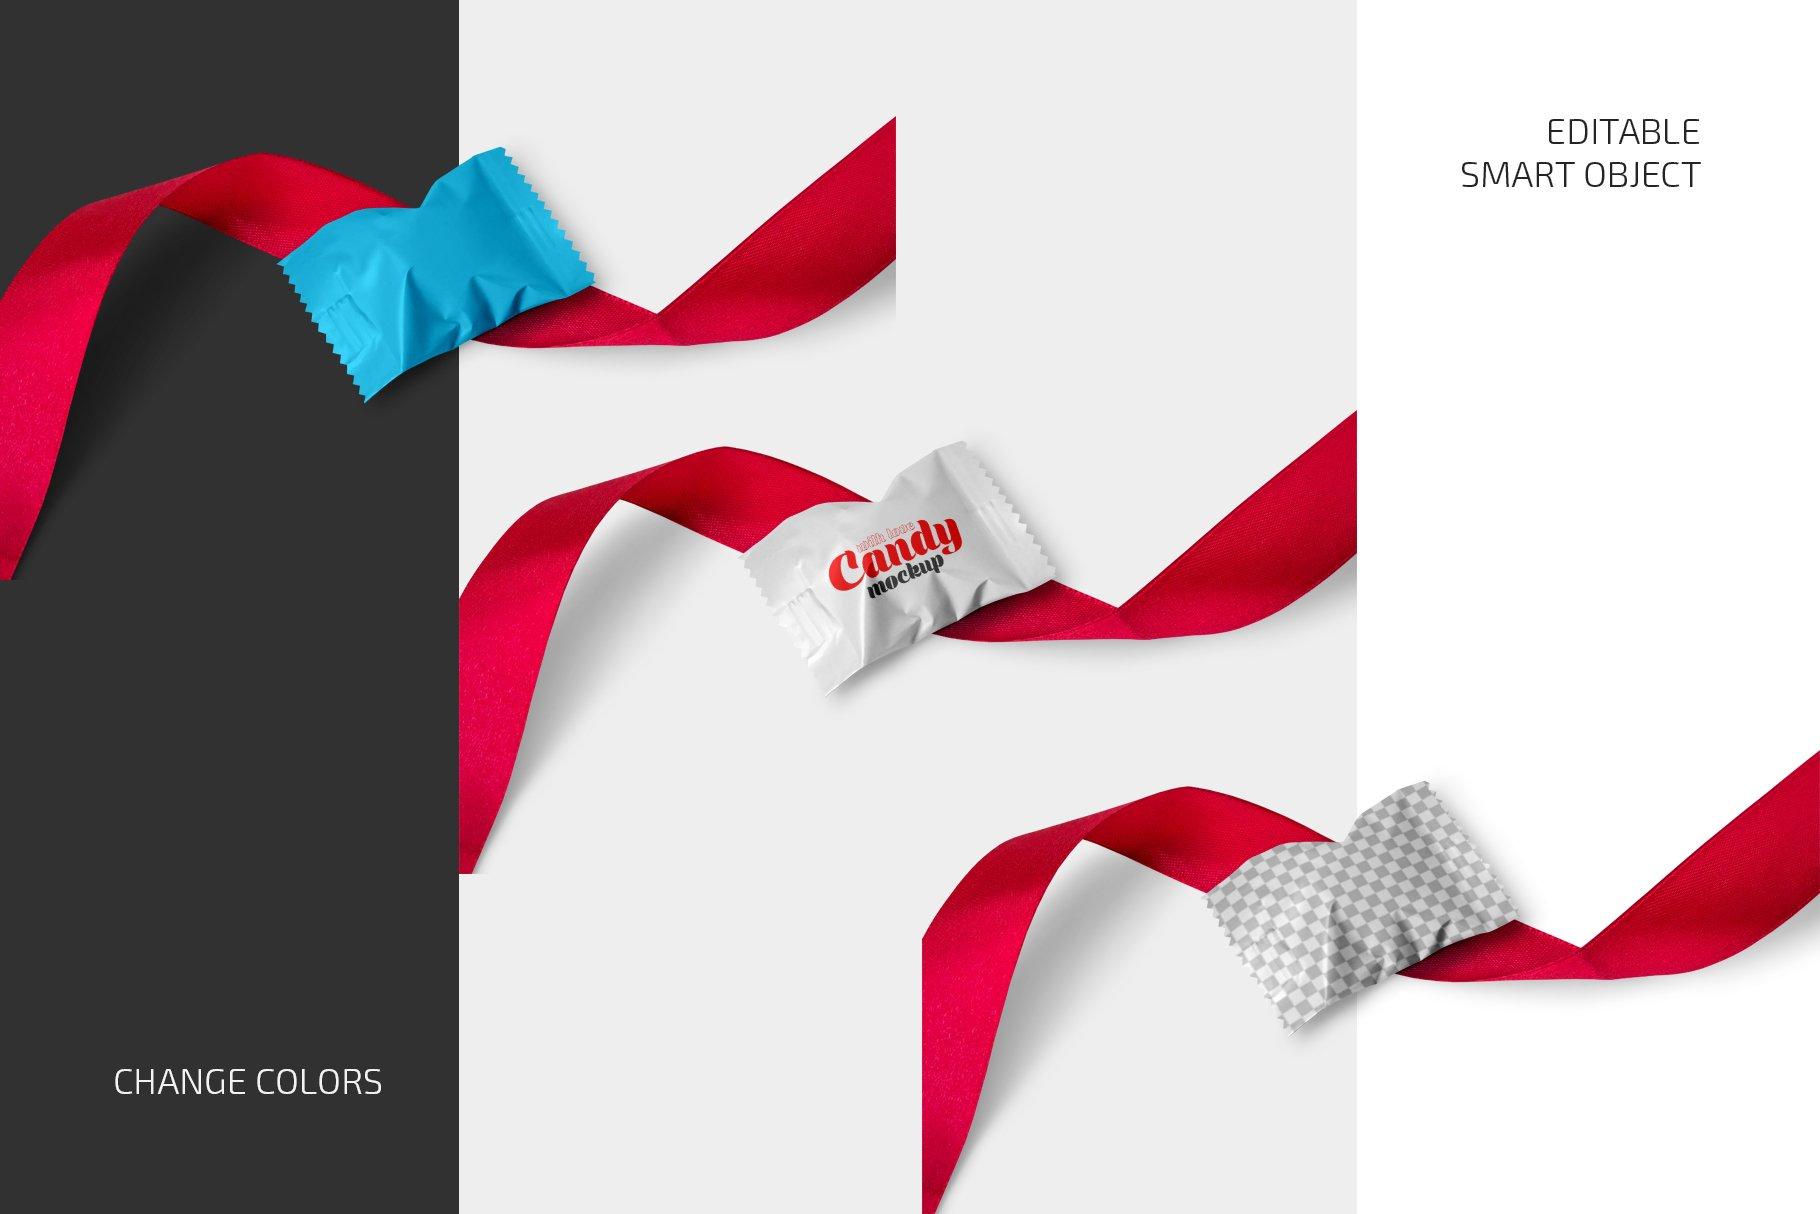 带红丝带节日糖果包装塑料袋设计PS贴图样机合集 Candy With Red Ribbon Mockup Set插图1